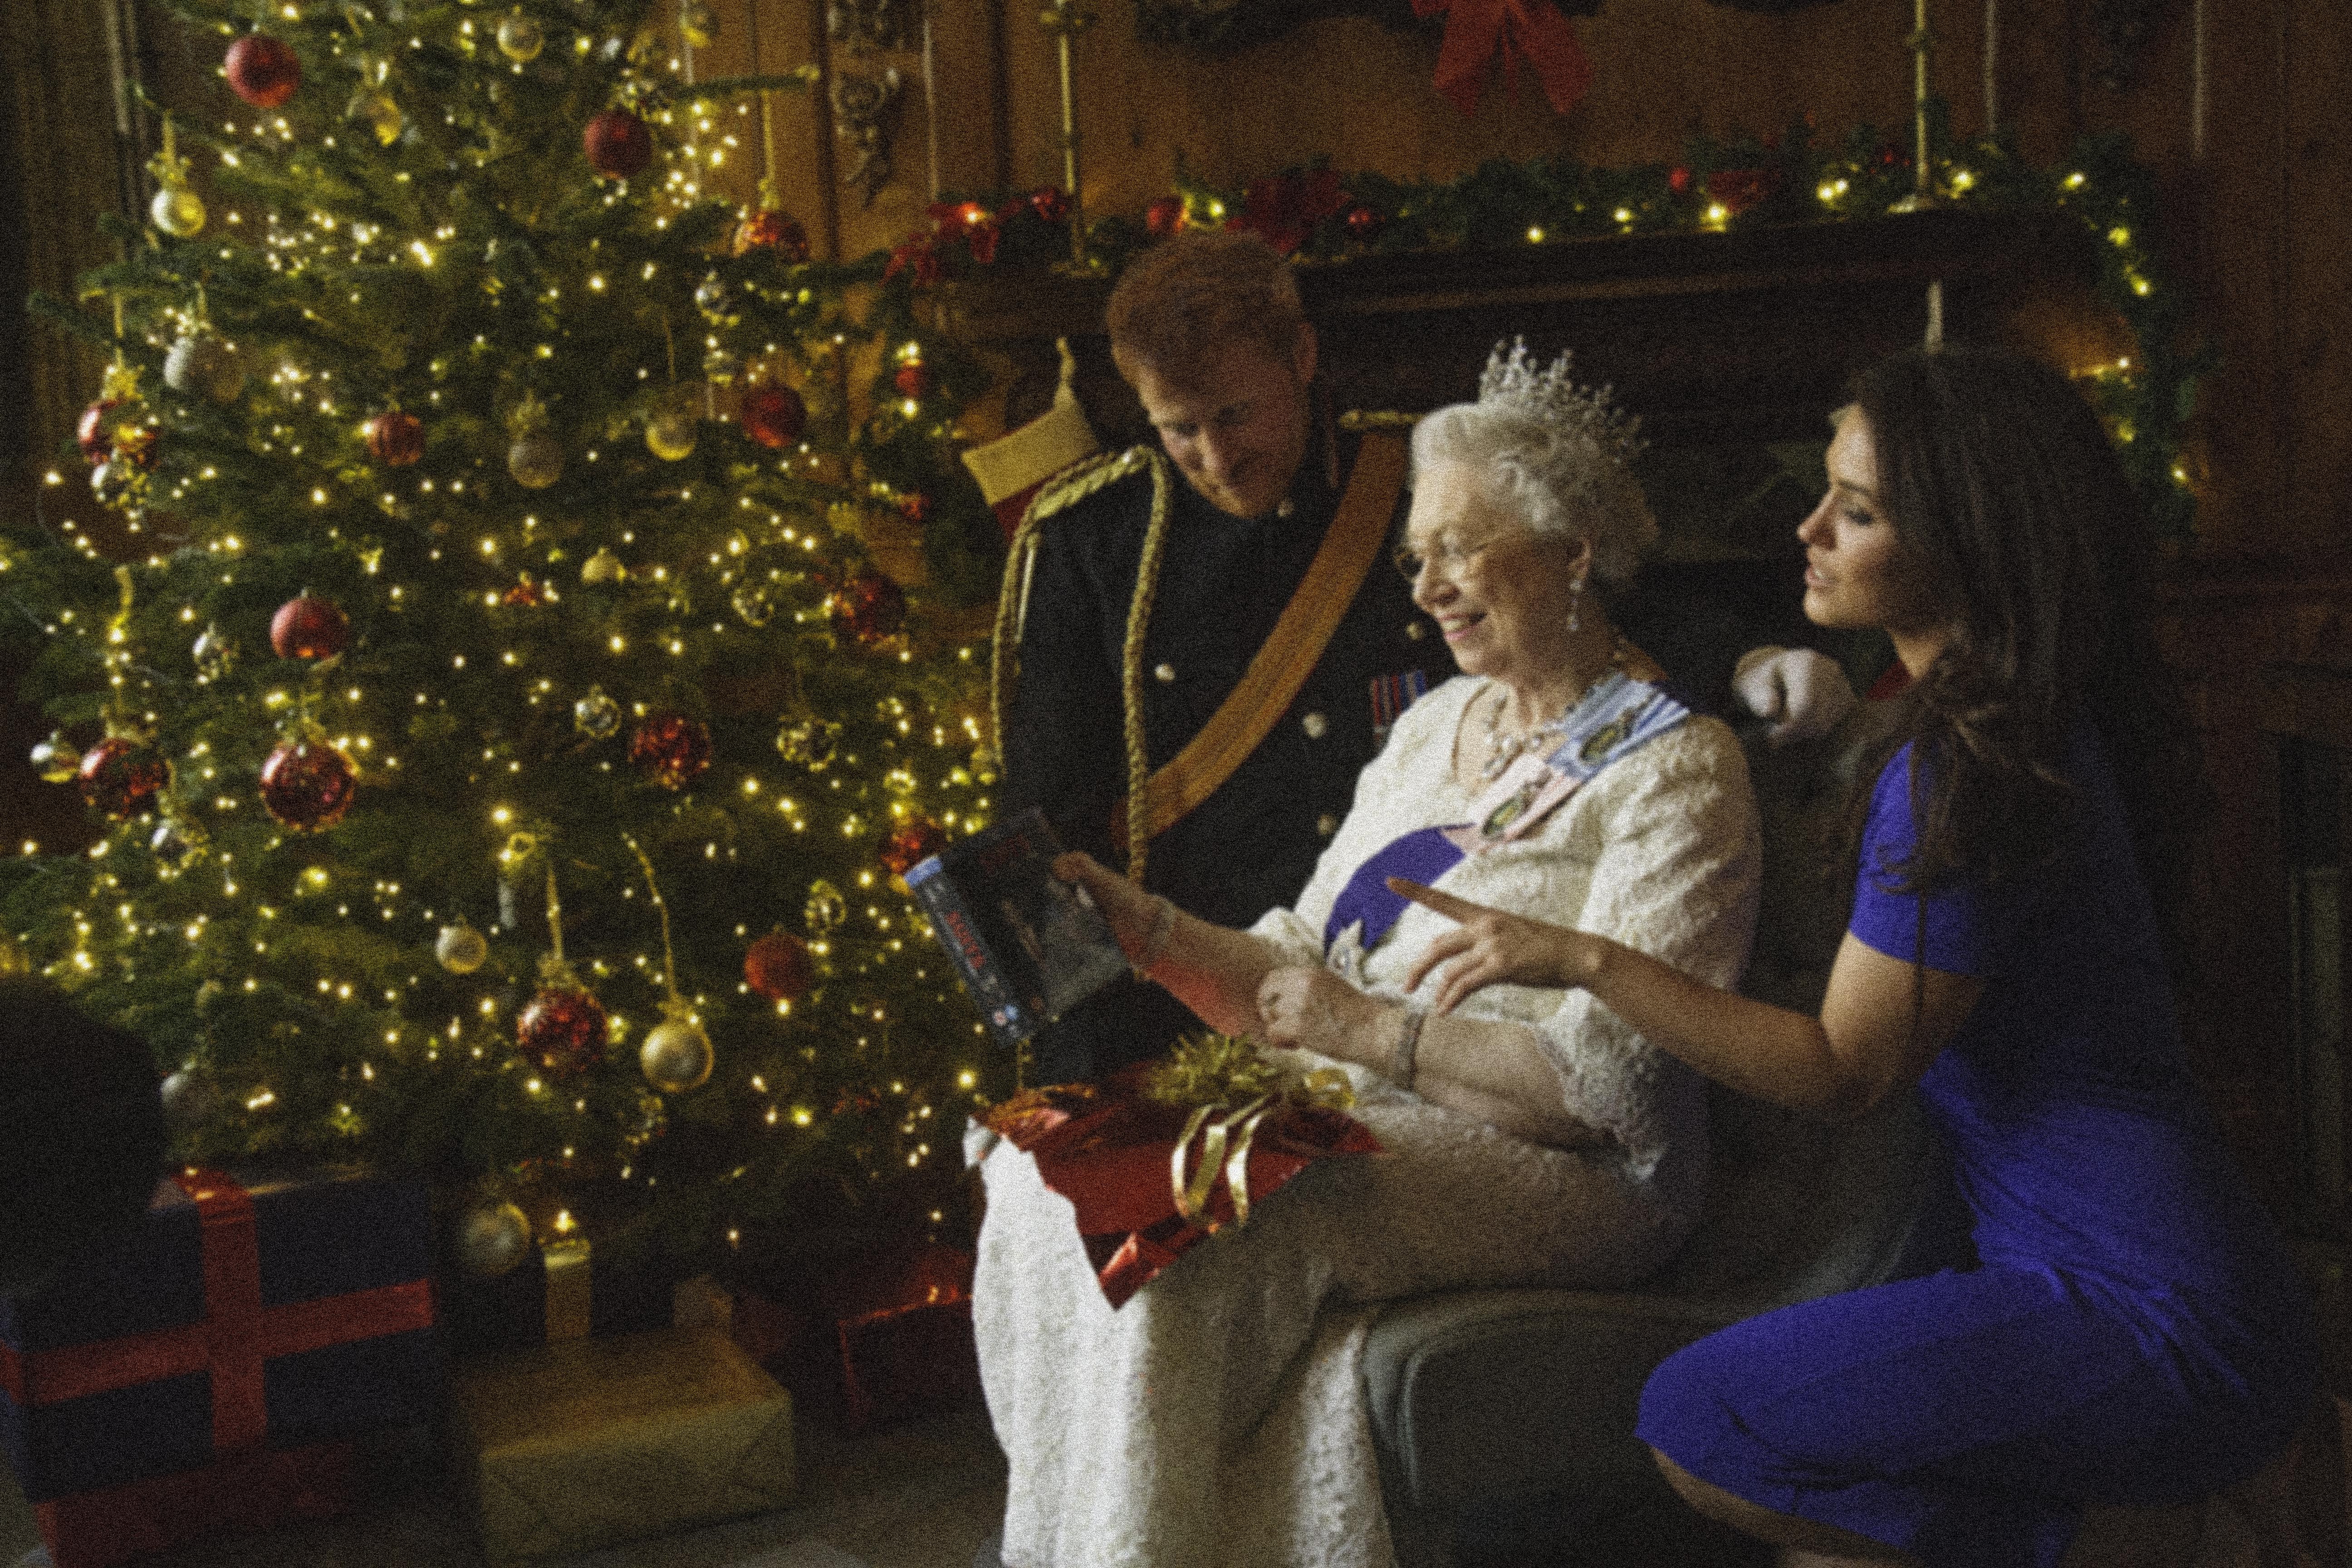 Фотоэксперимент: Представьте, как принц Гарри мог представлять Меган Королеве